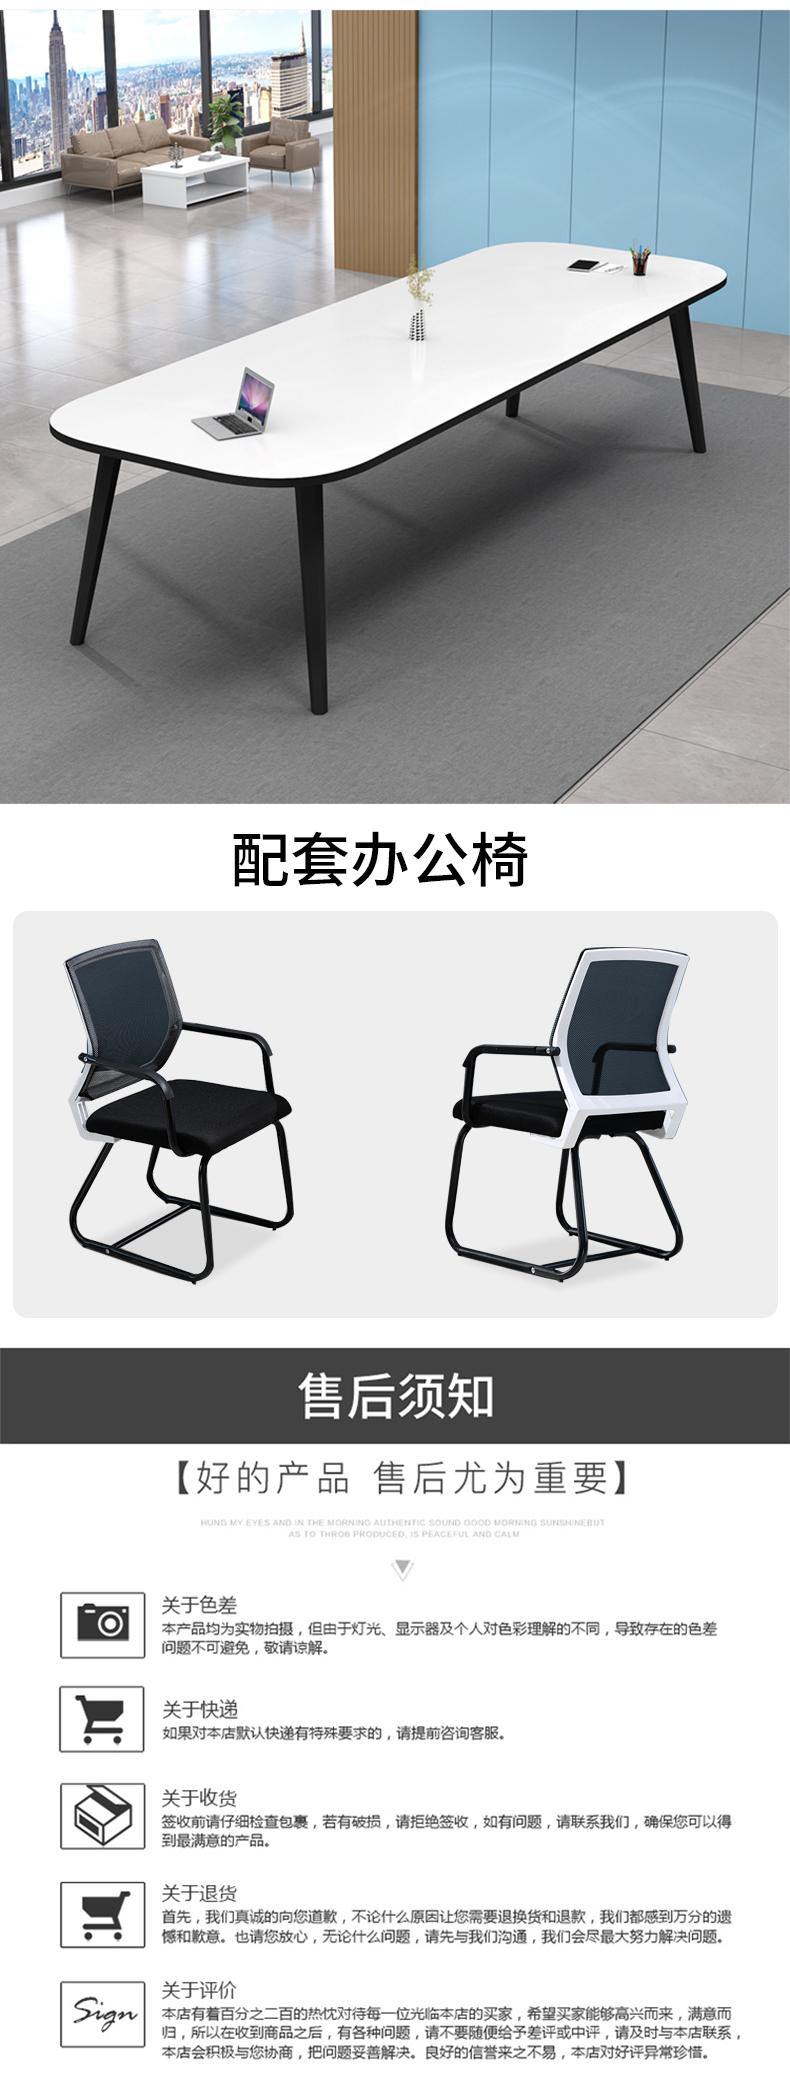 会议桌长桌简约现代办公桌椅组合小型会议室桌子椭圆长条桌工作臺详细照片